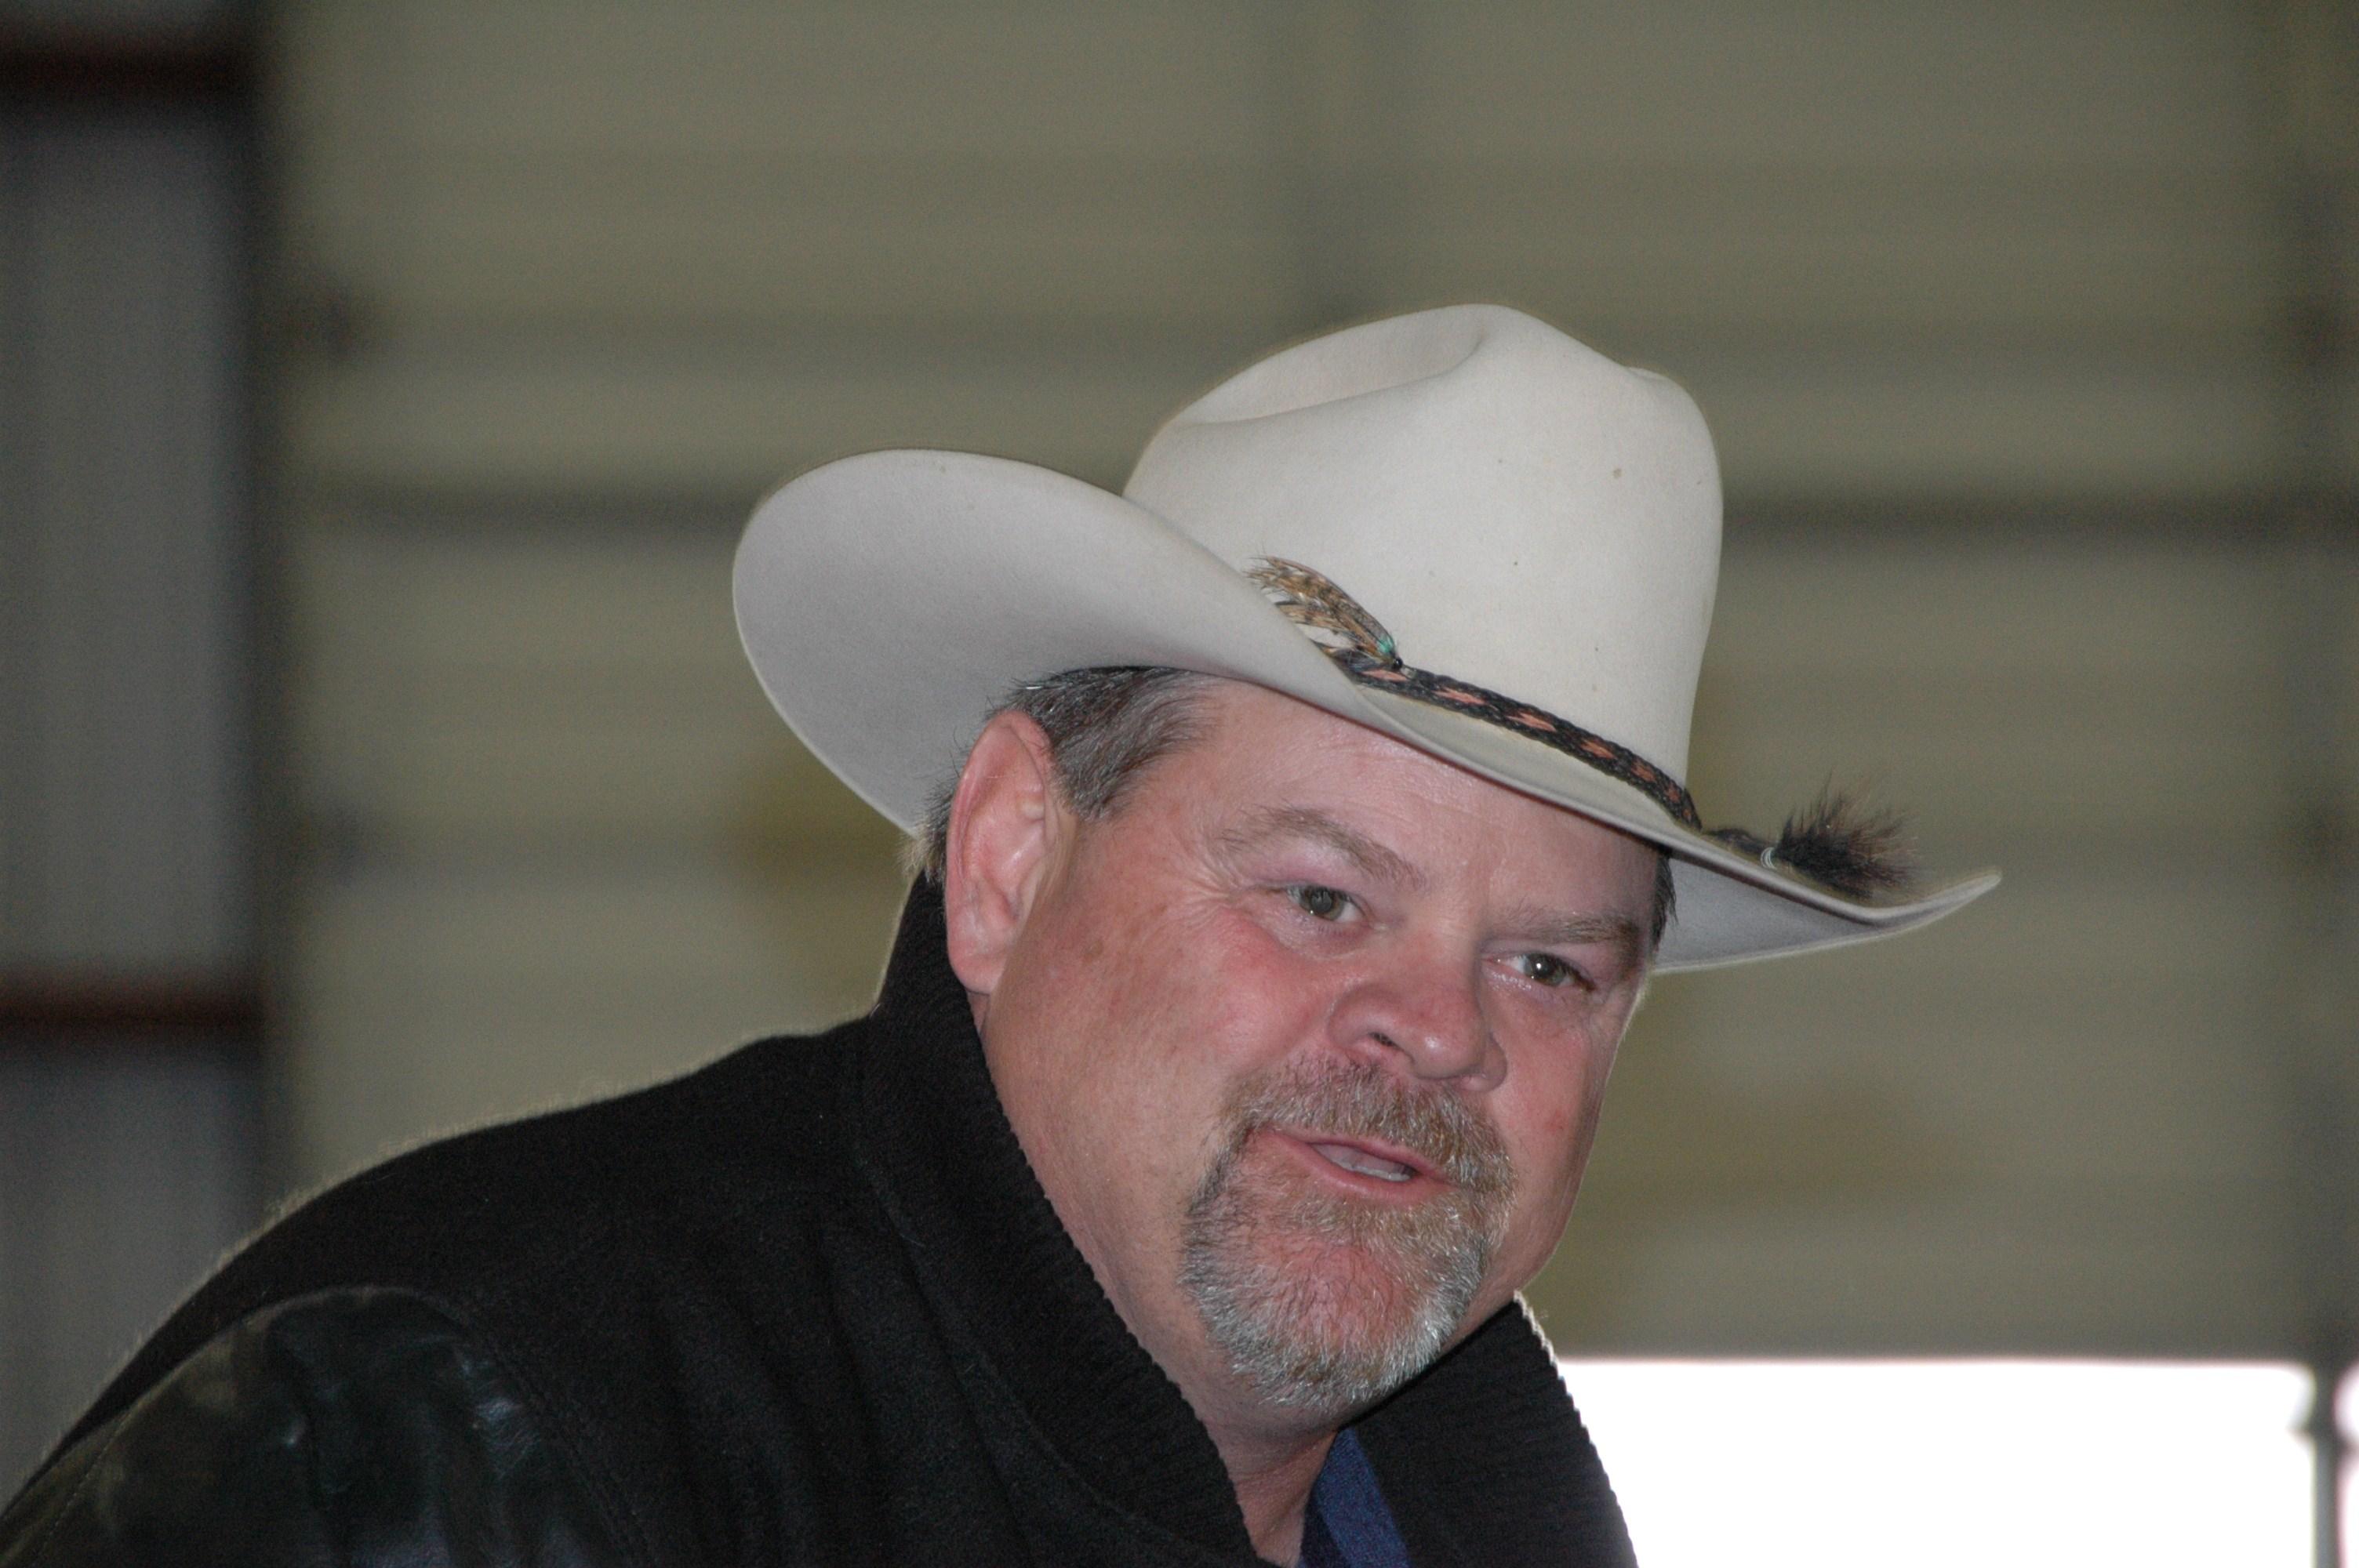 Ted Odle, Montana